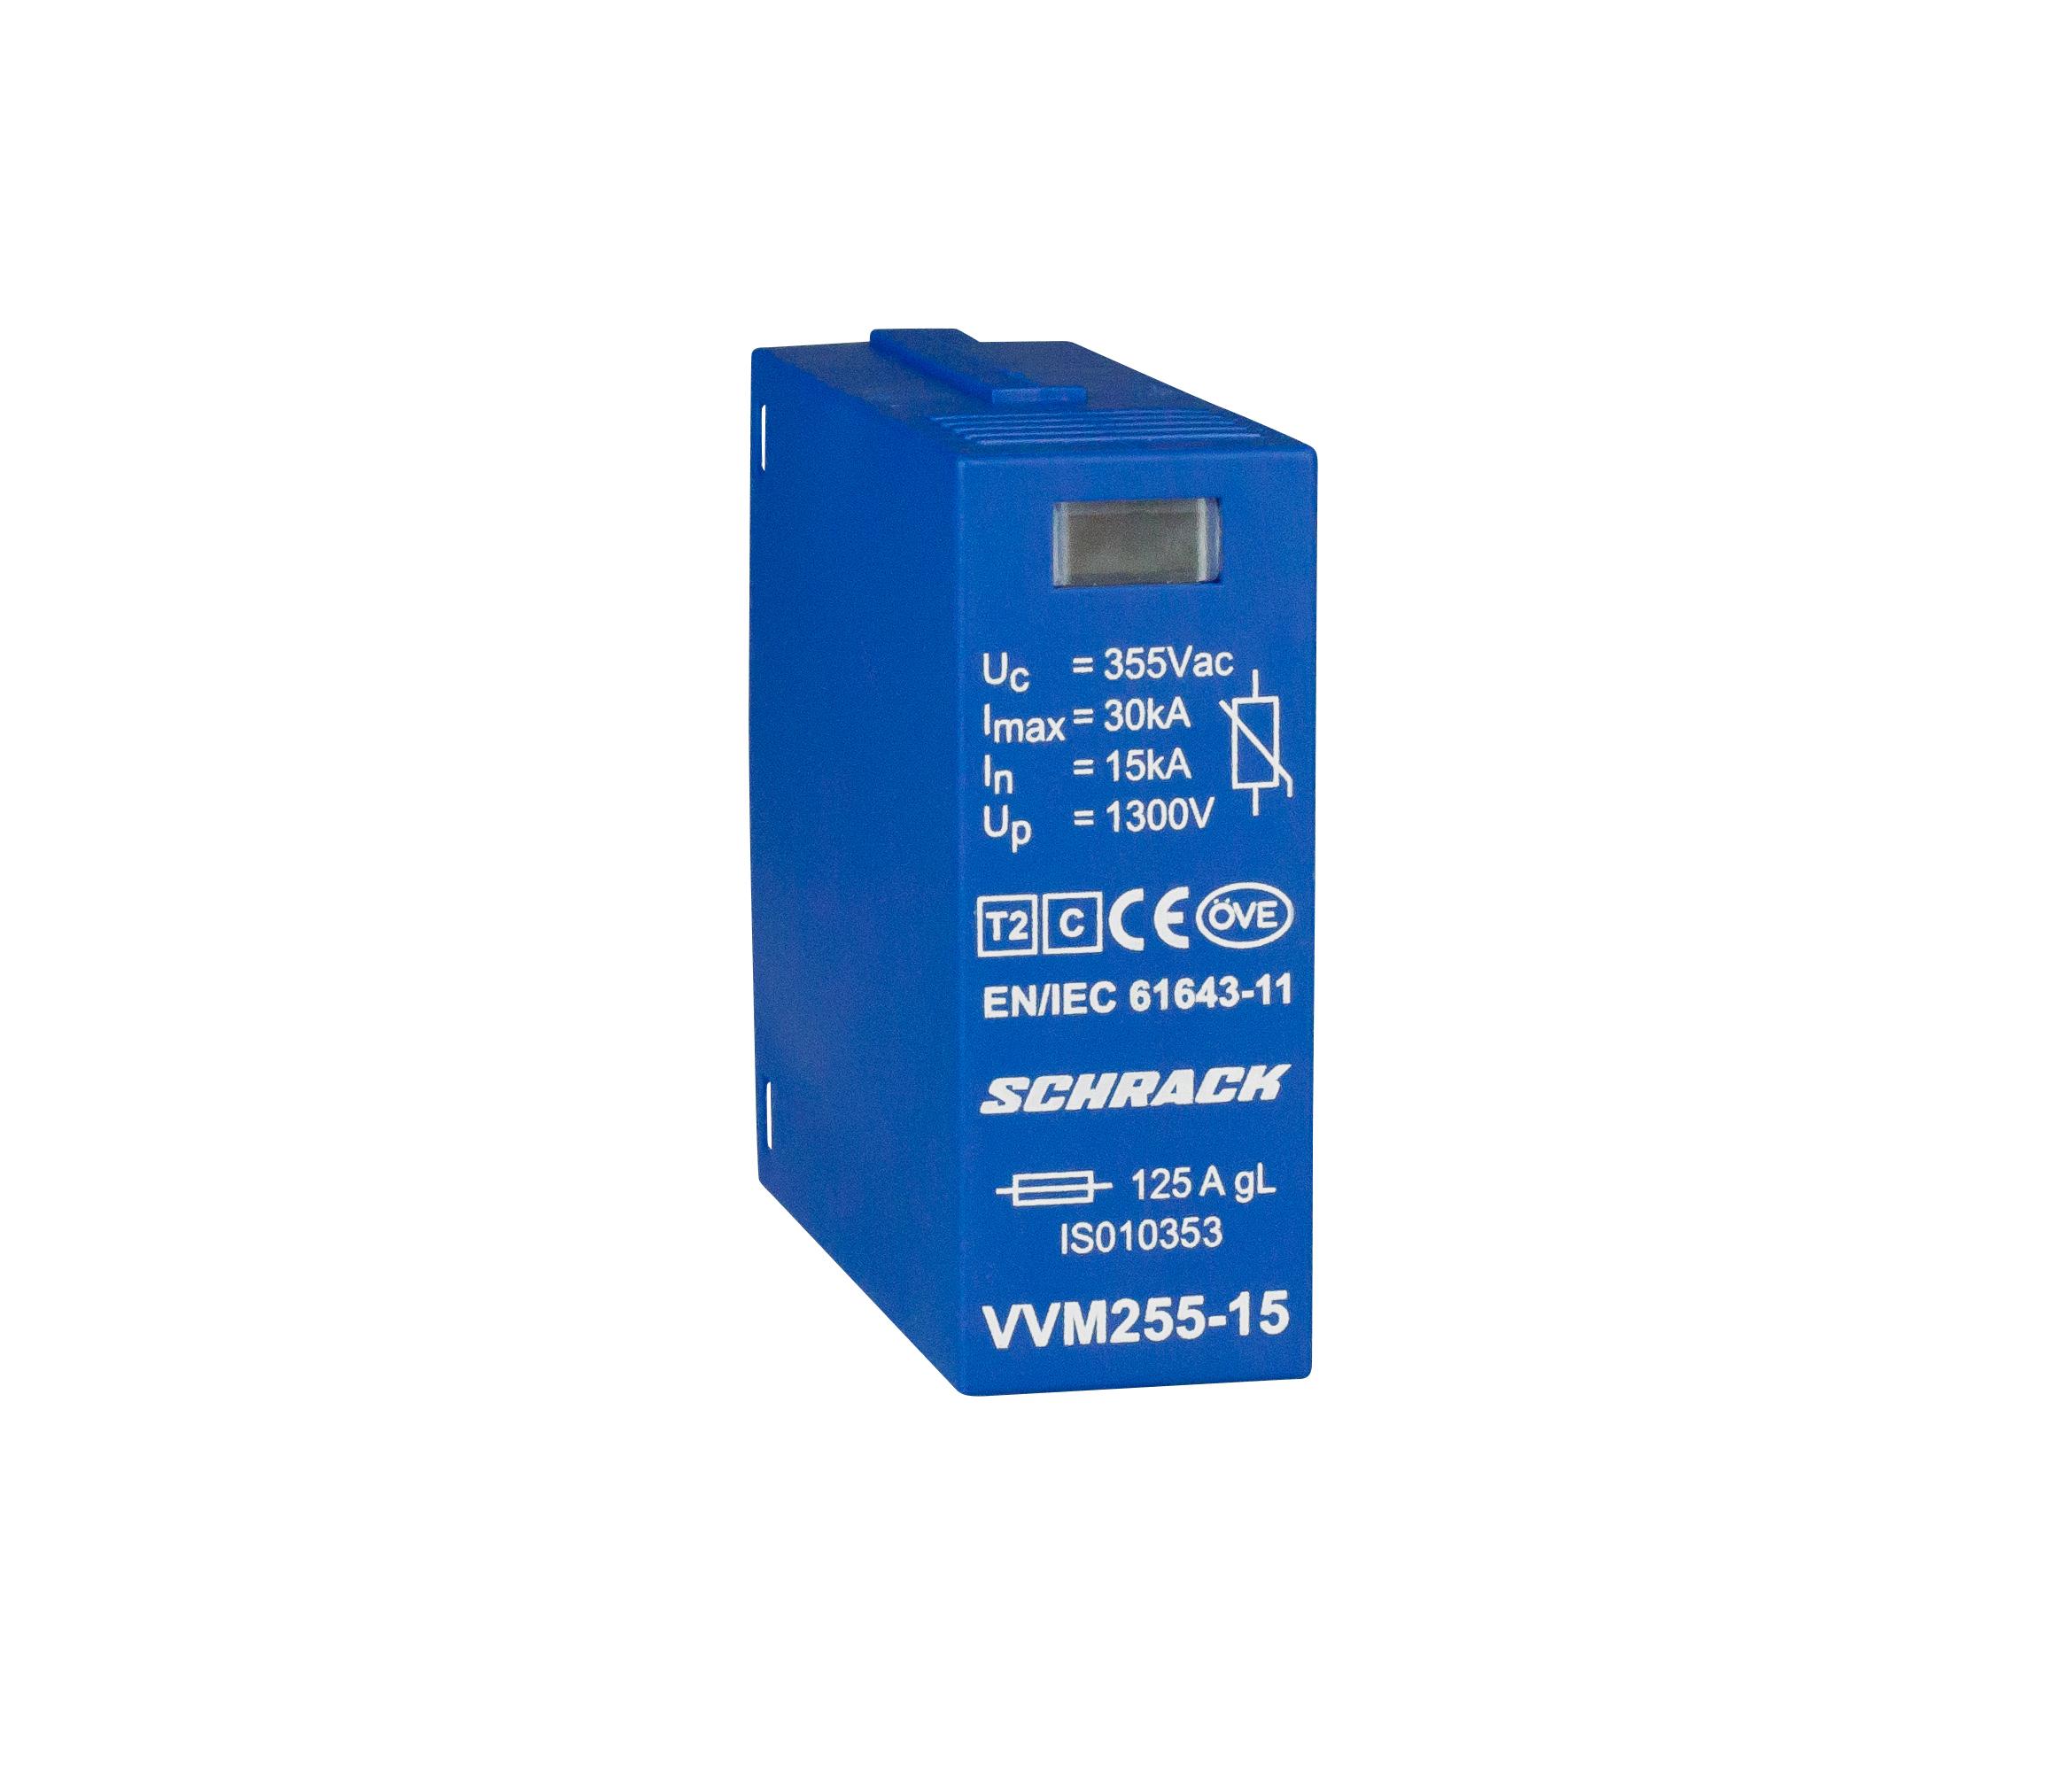 1 Stk Vartec Varistormodul TII, VVM - 320V/15kA IS010353--